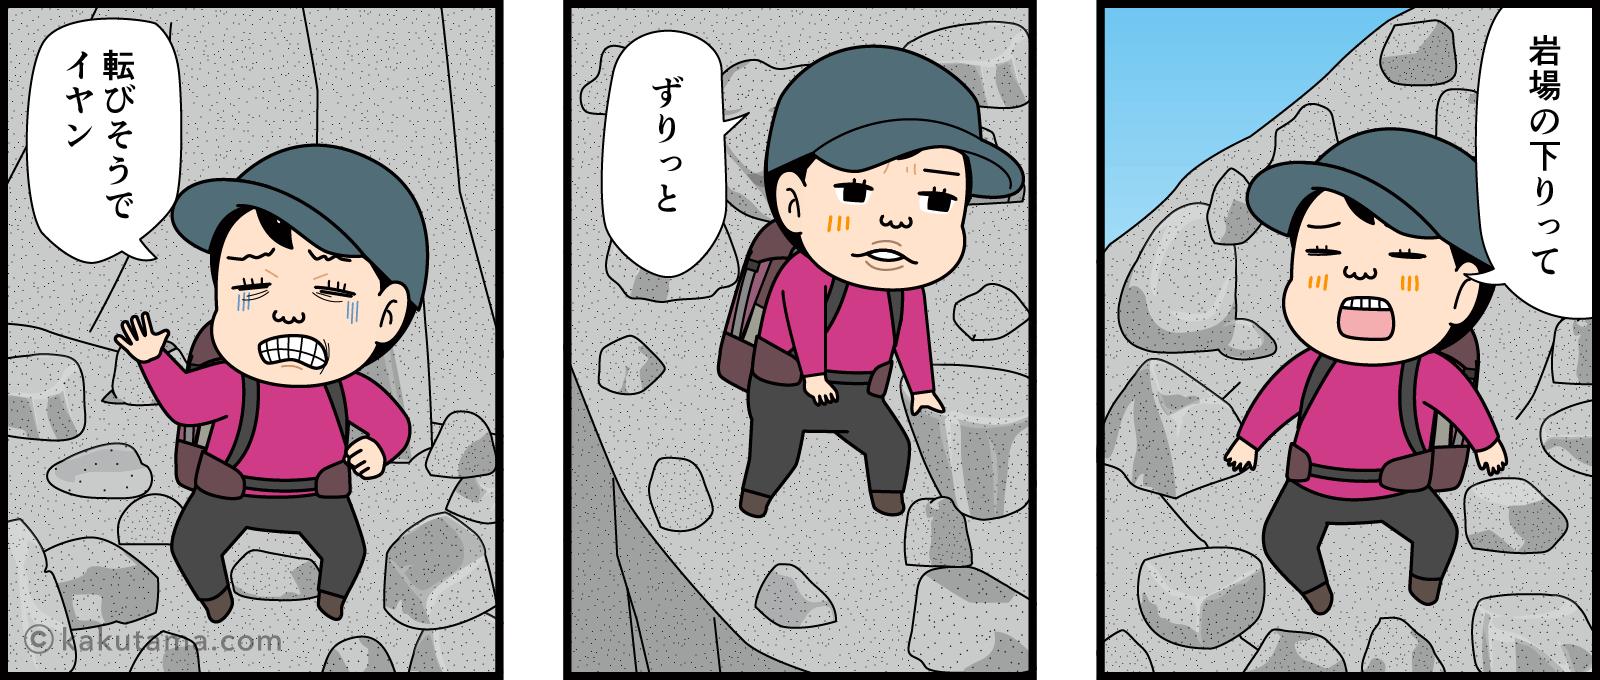 岩場を下るイラスト